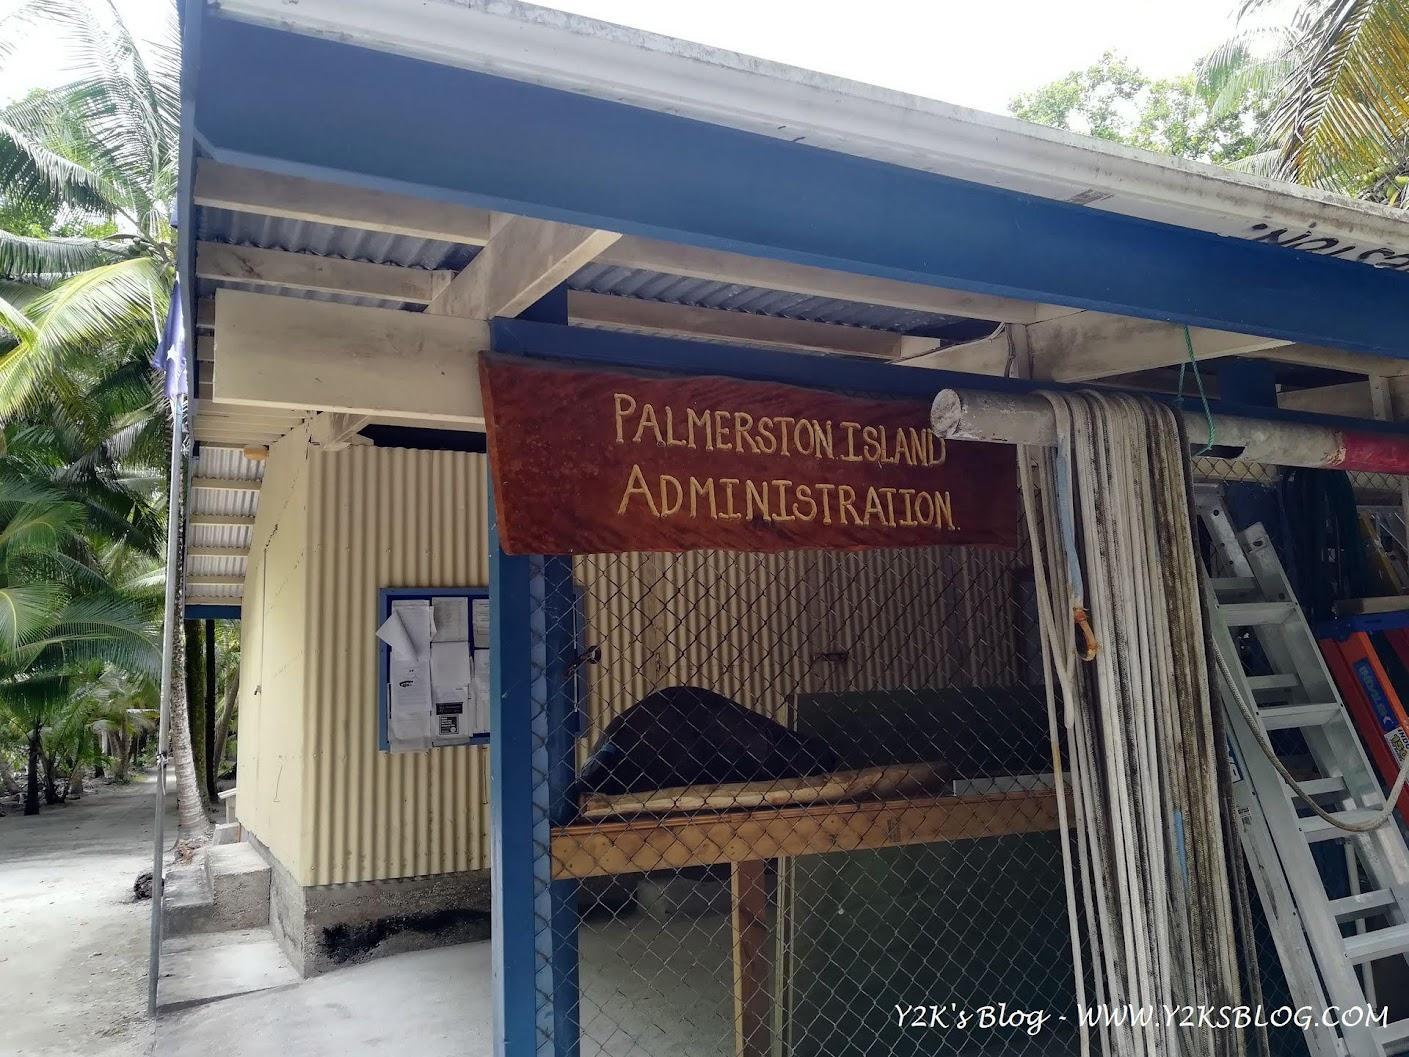 L'ufficio amministrativo, sede della dogana e dell'immigrazione.